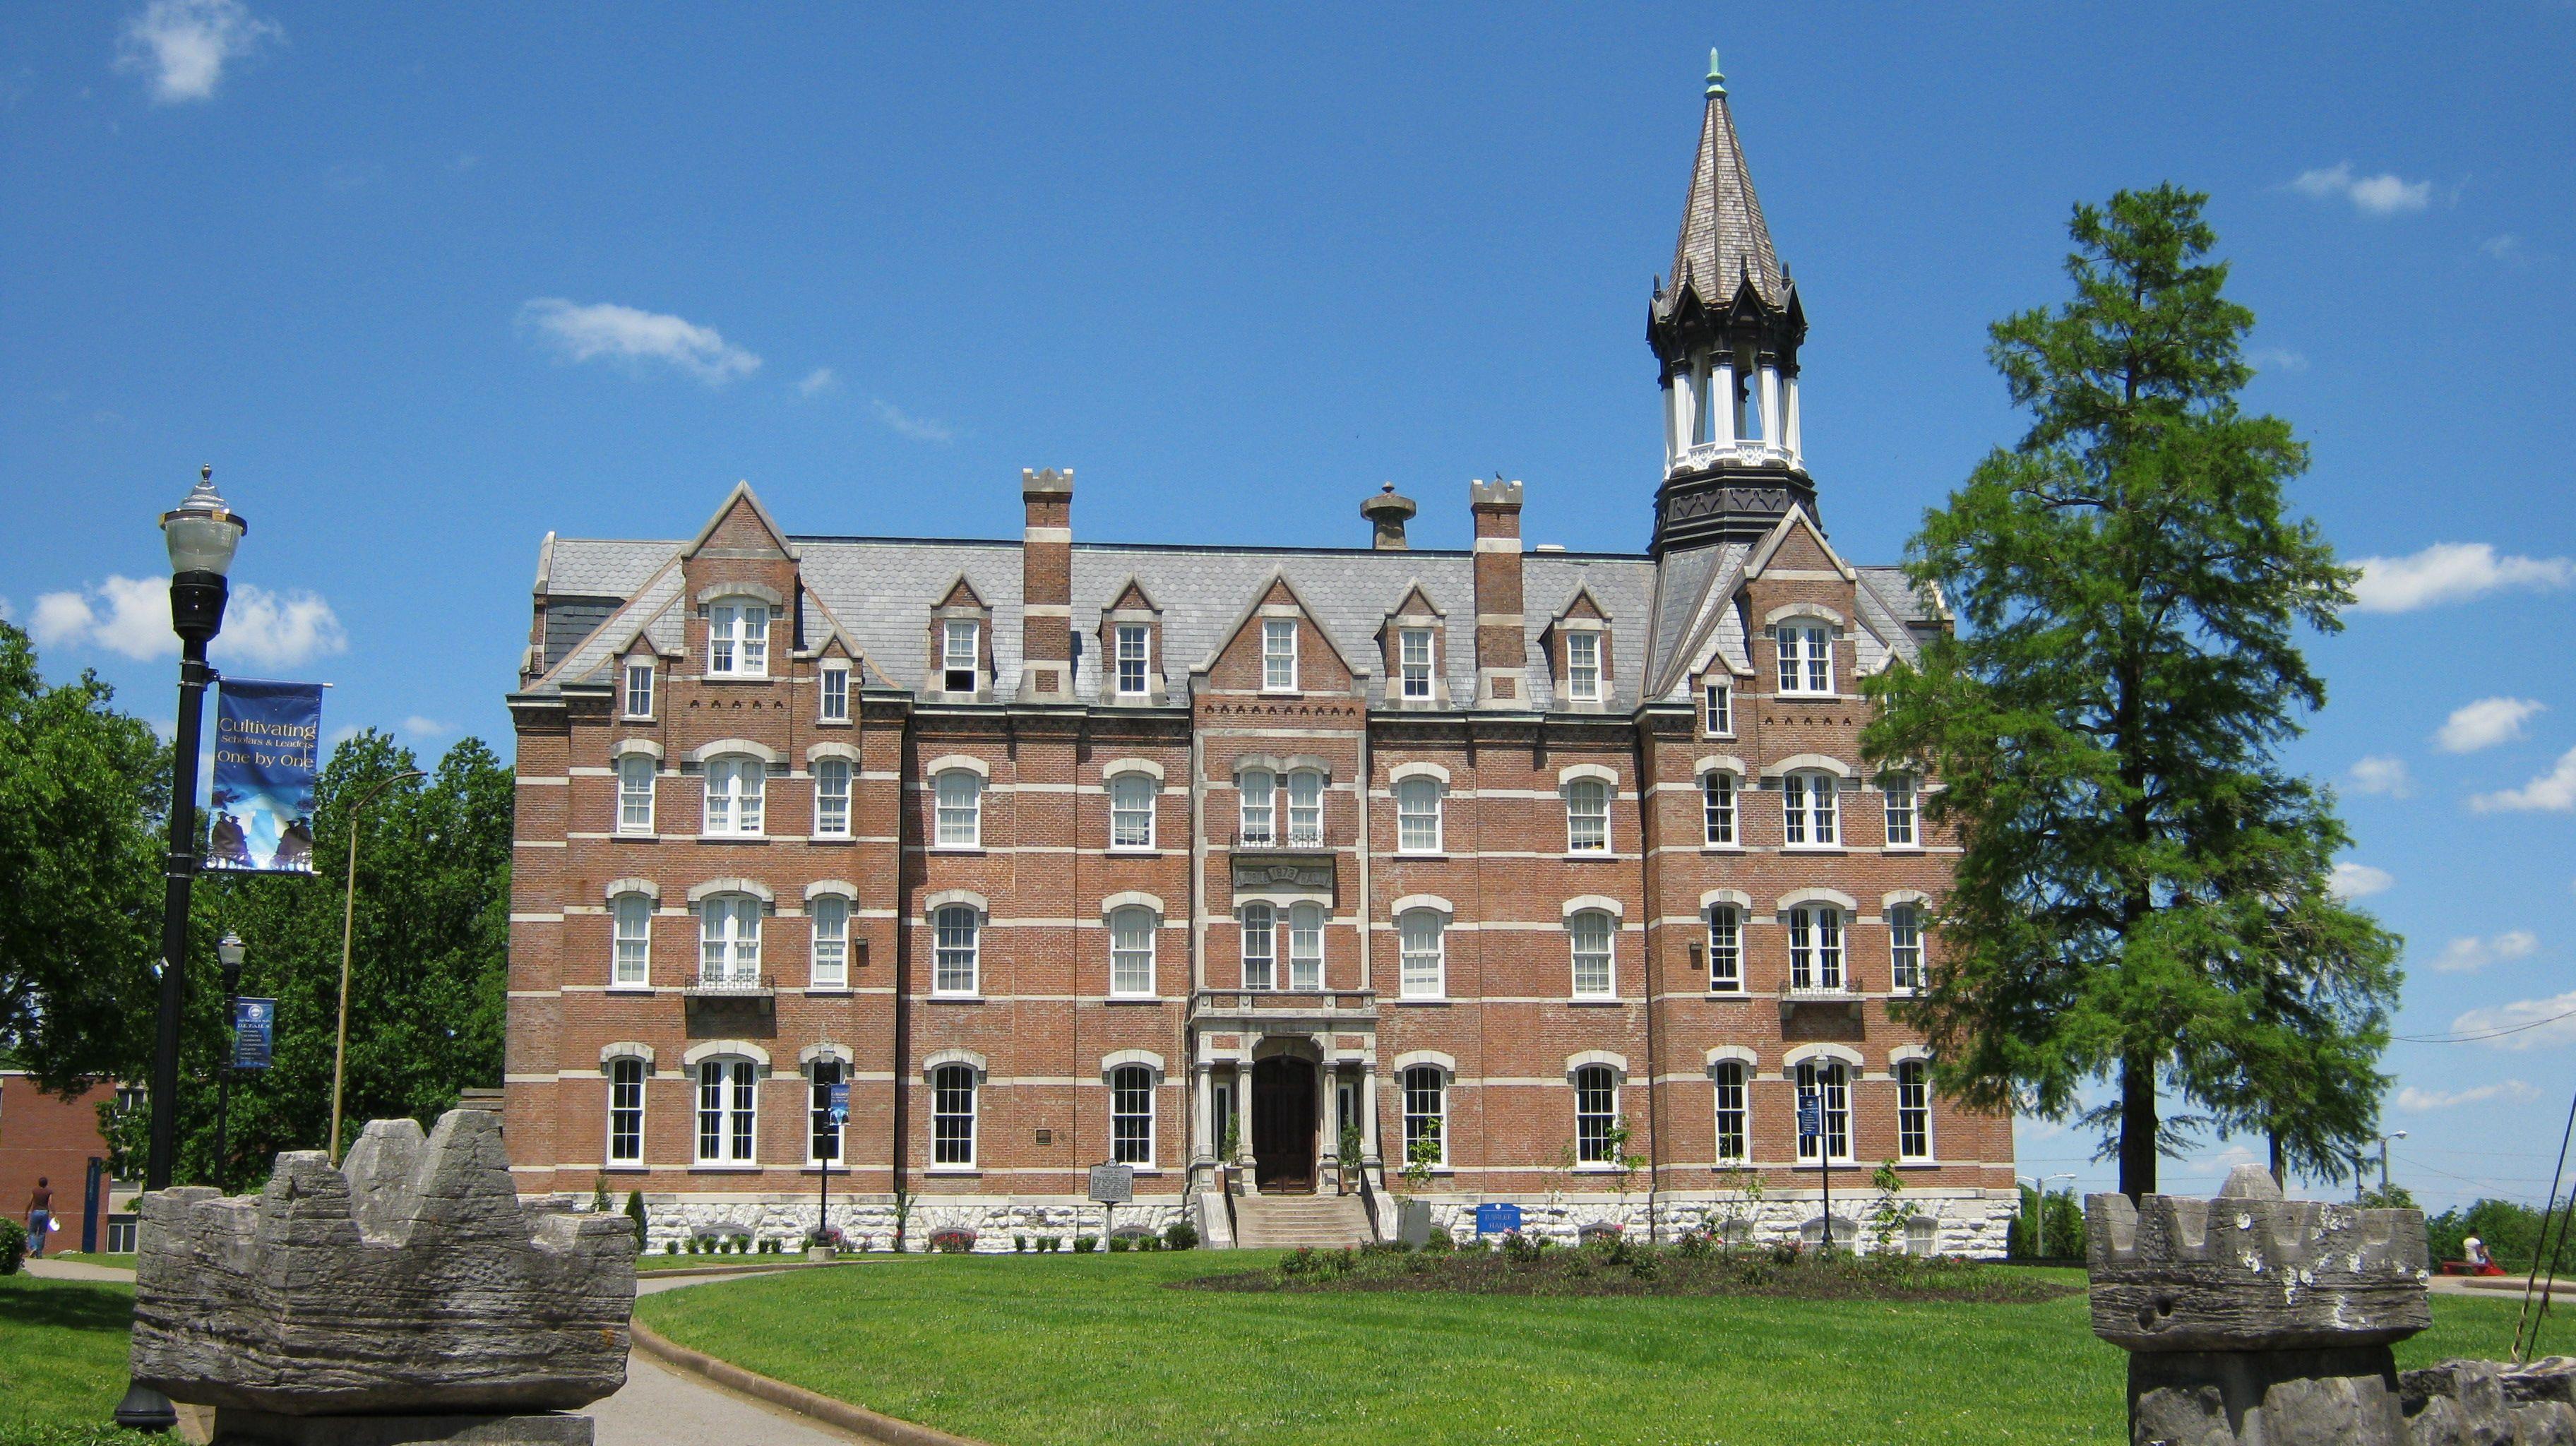 Pasturesoplenty University Dorms Colleges And Universities Hbcu